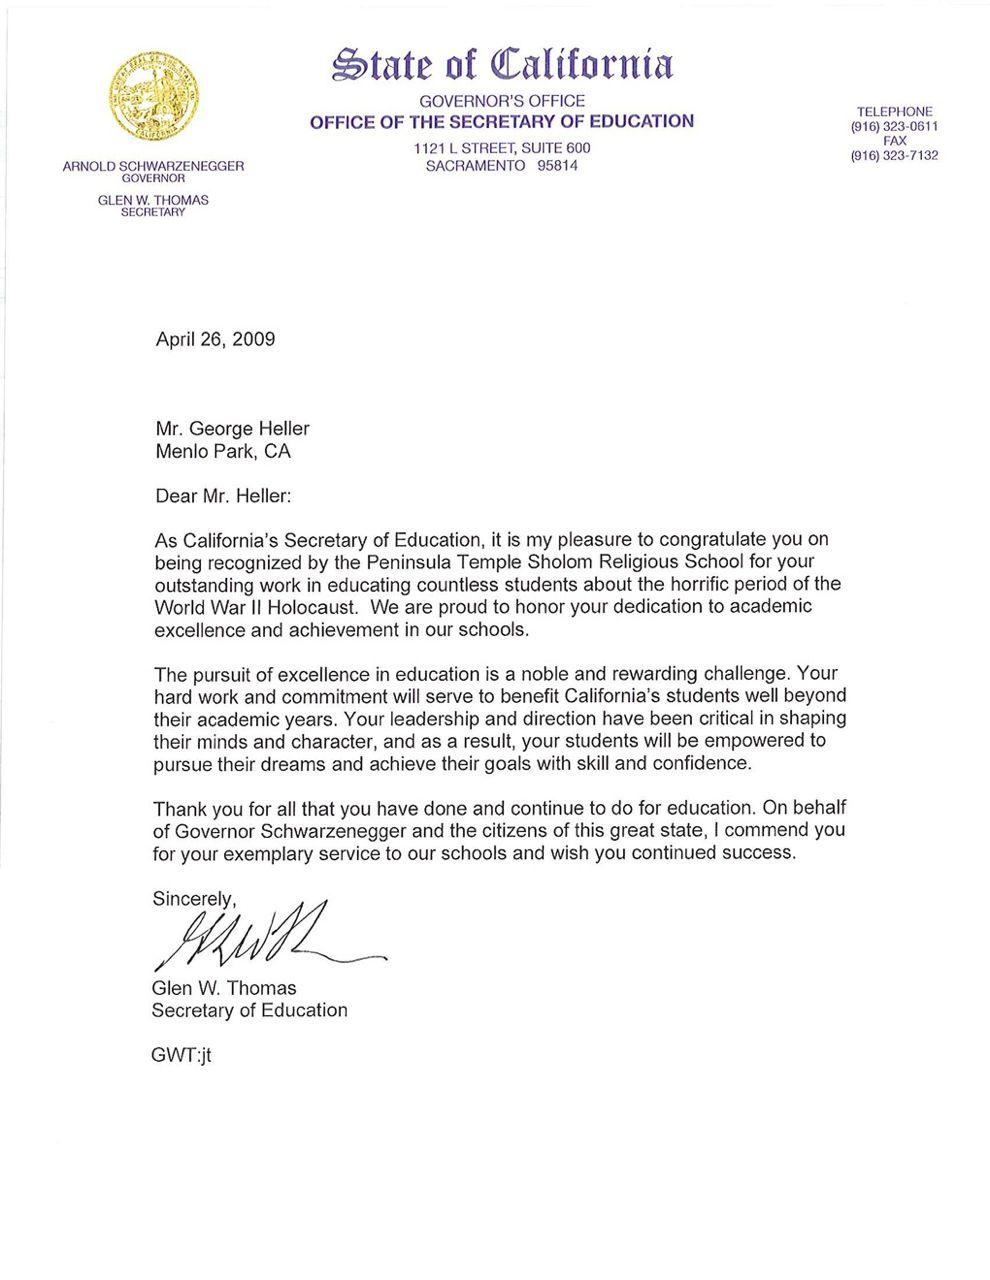 Sample Athletic Sponsorship Letter